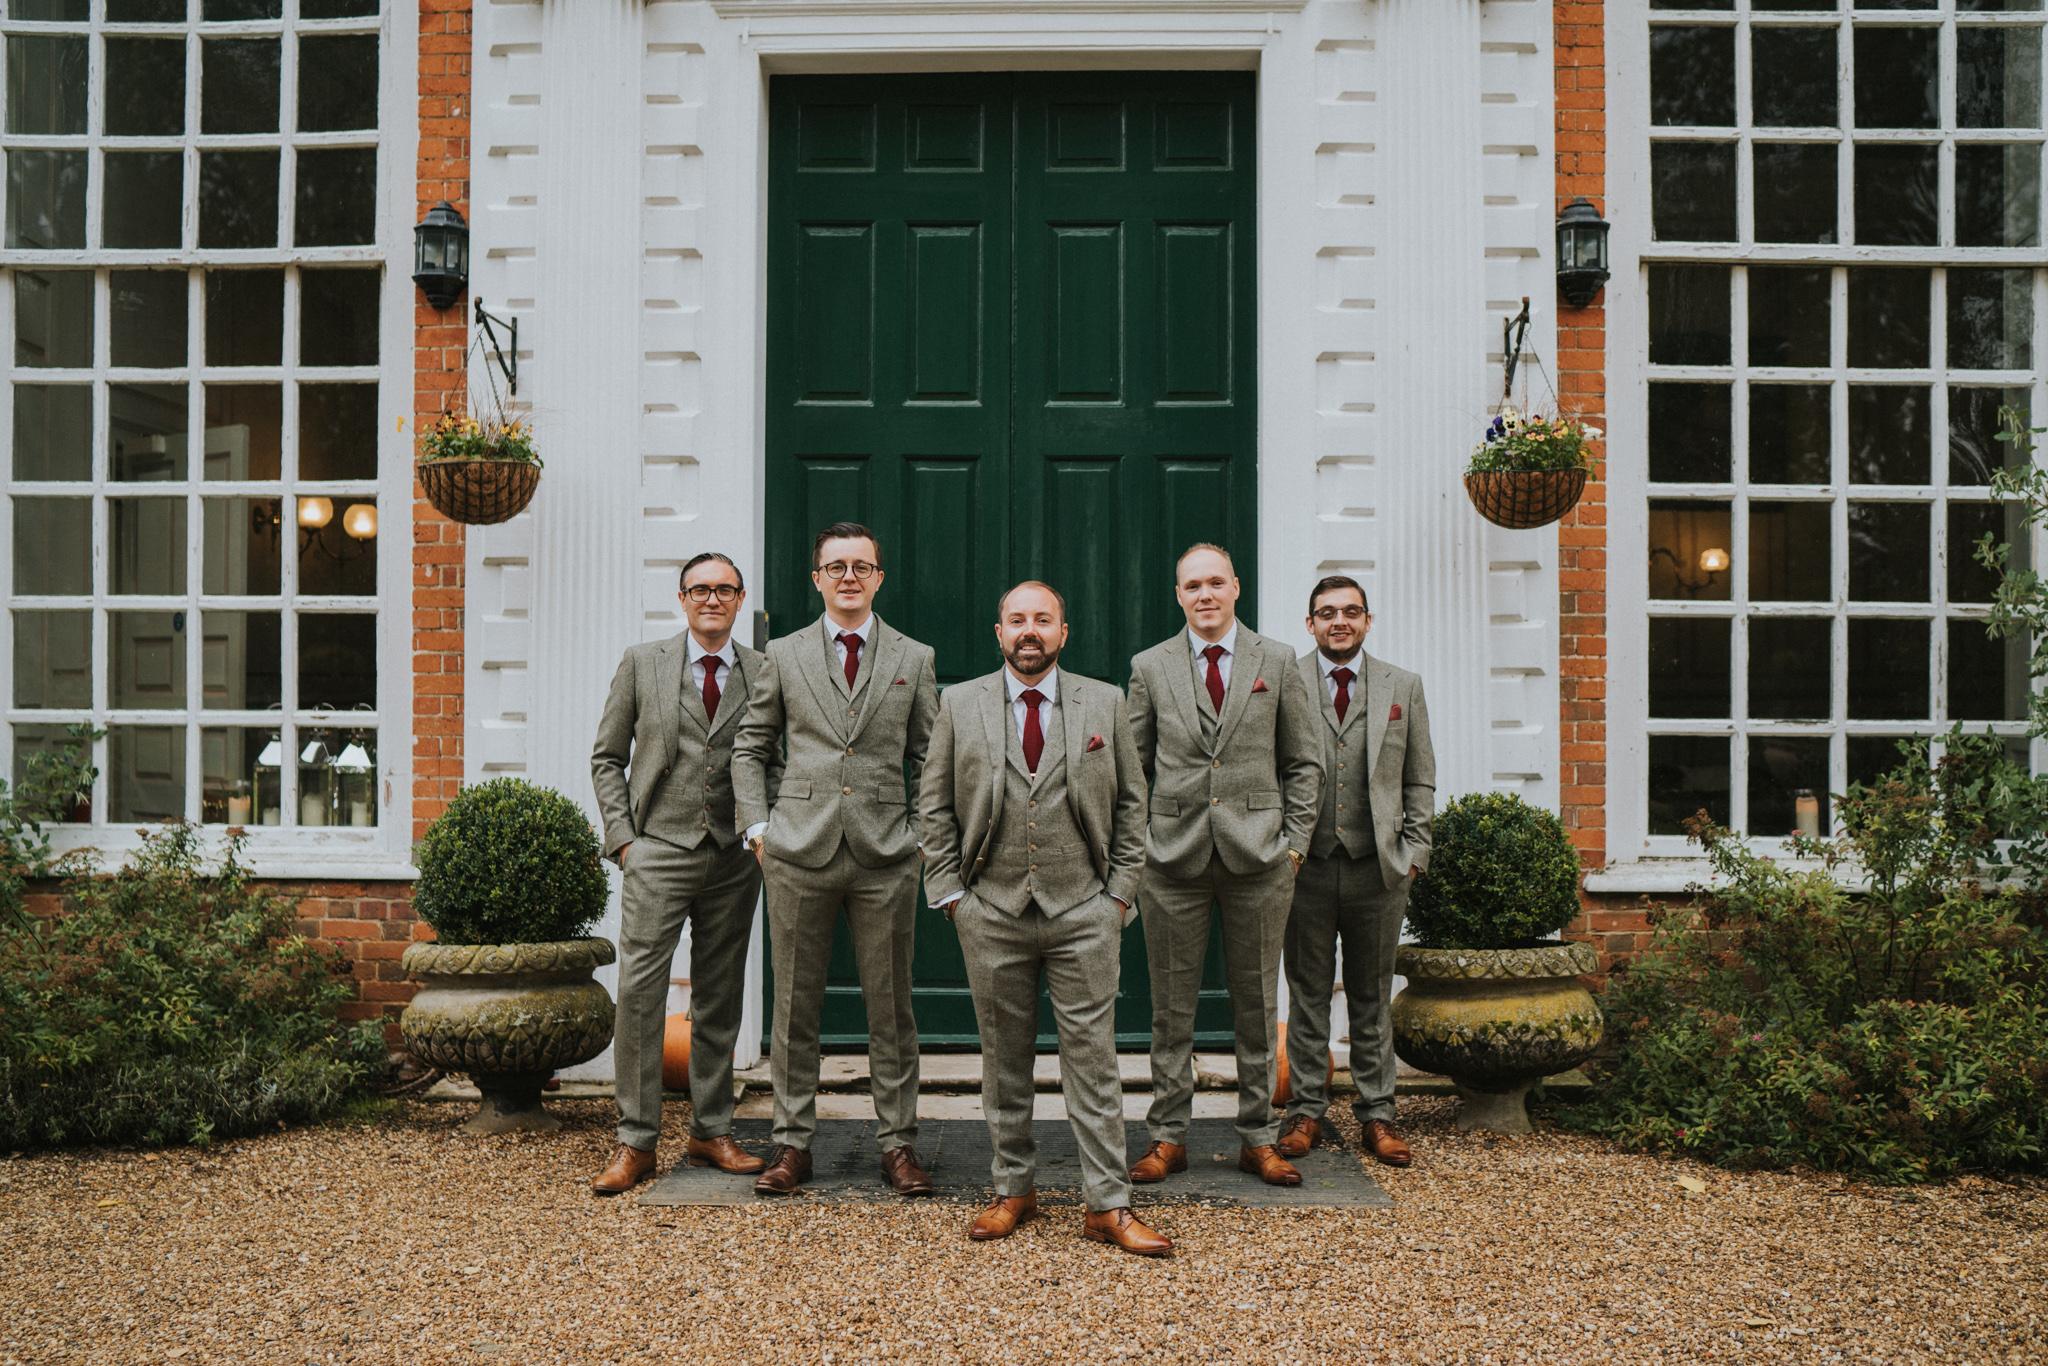 chara-neil-gosfield-hall-wedding-grace-elizabeth-colchester-essex-alternative-wedding-photographer-essex-devon-suffolk-norfolk (12 of 50).jpg